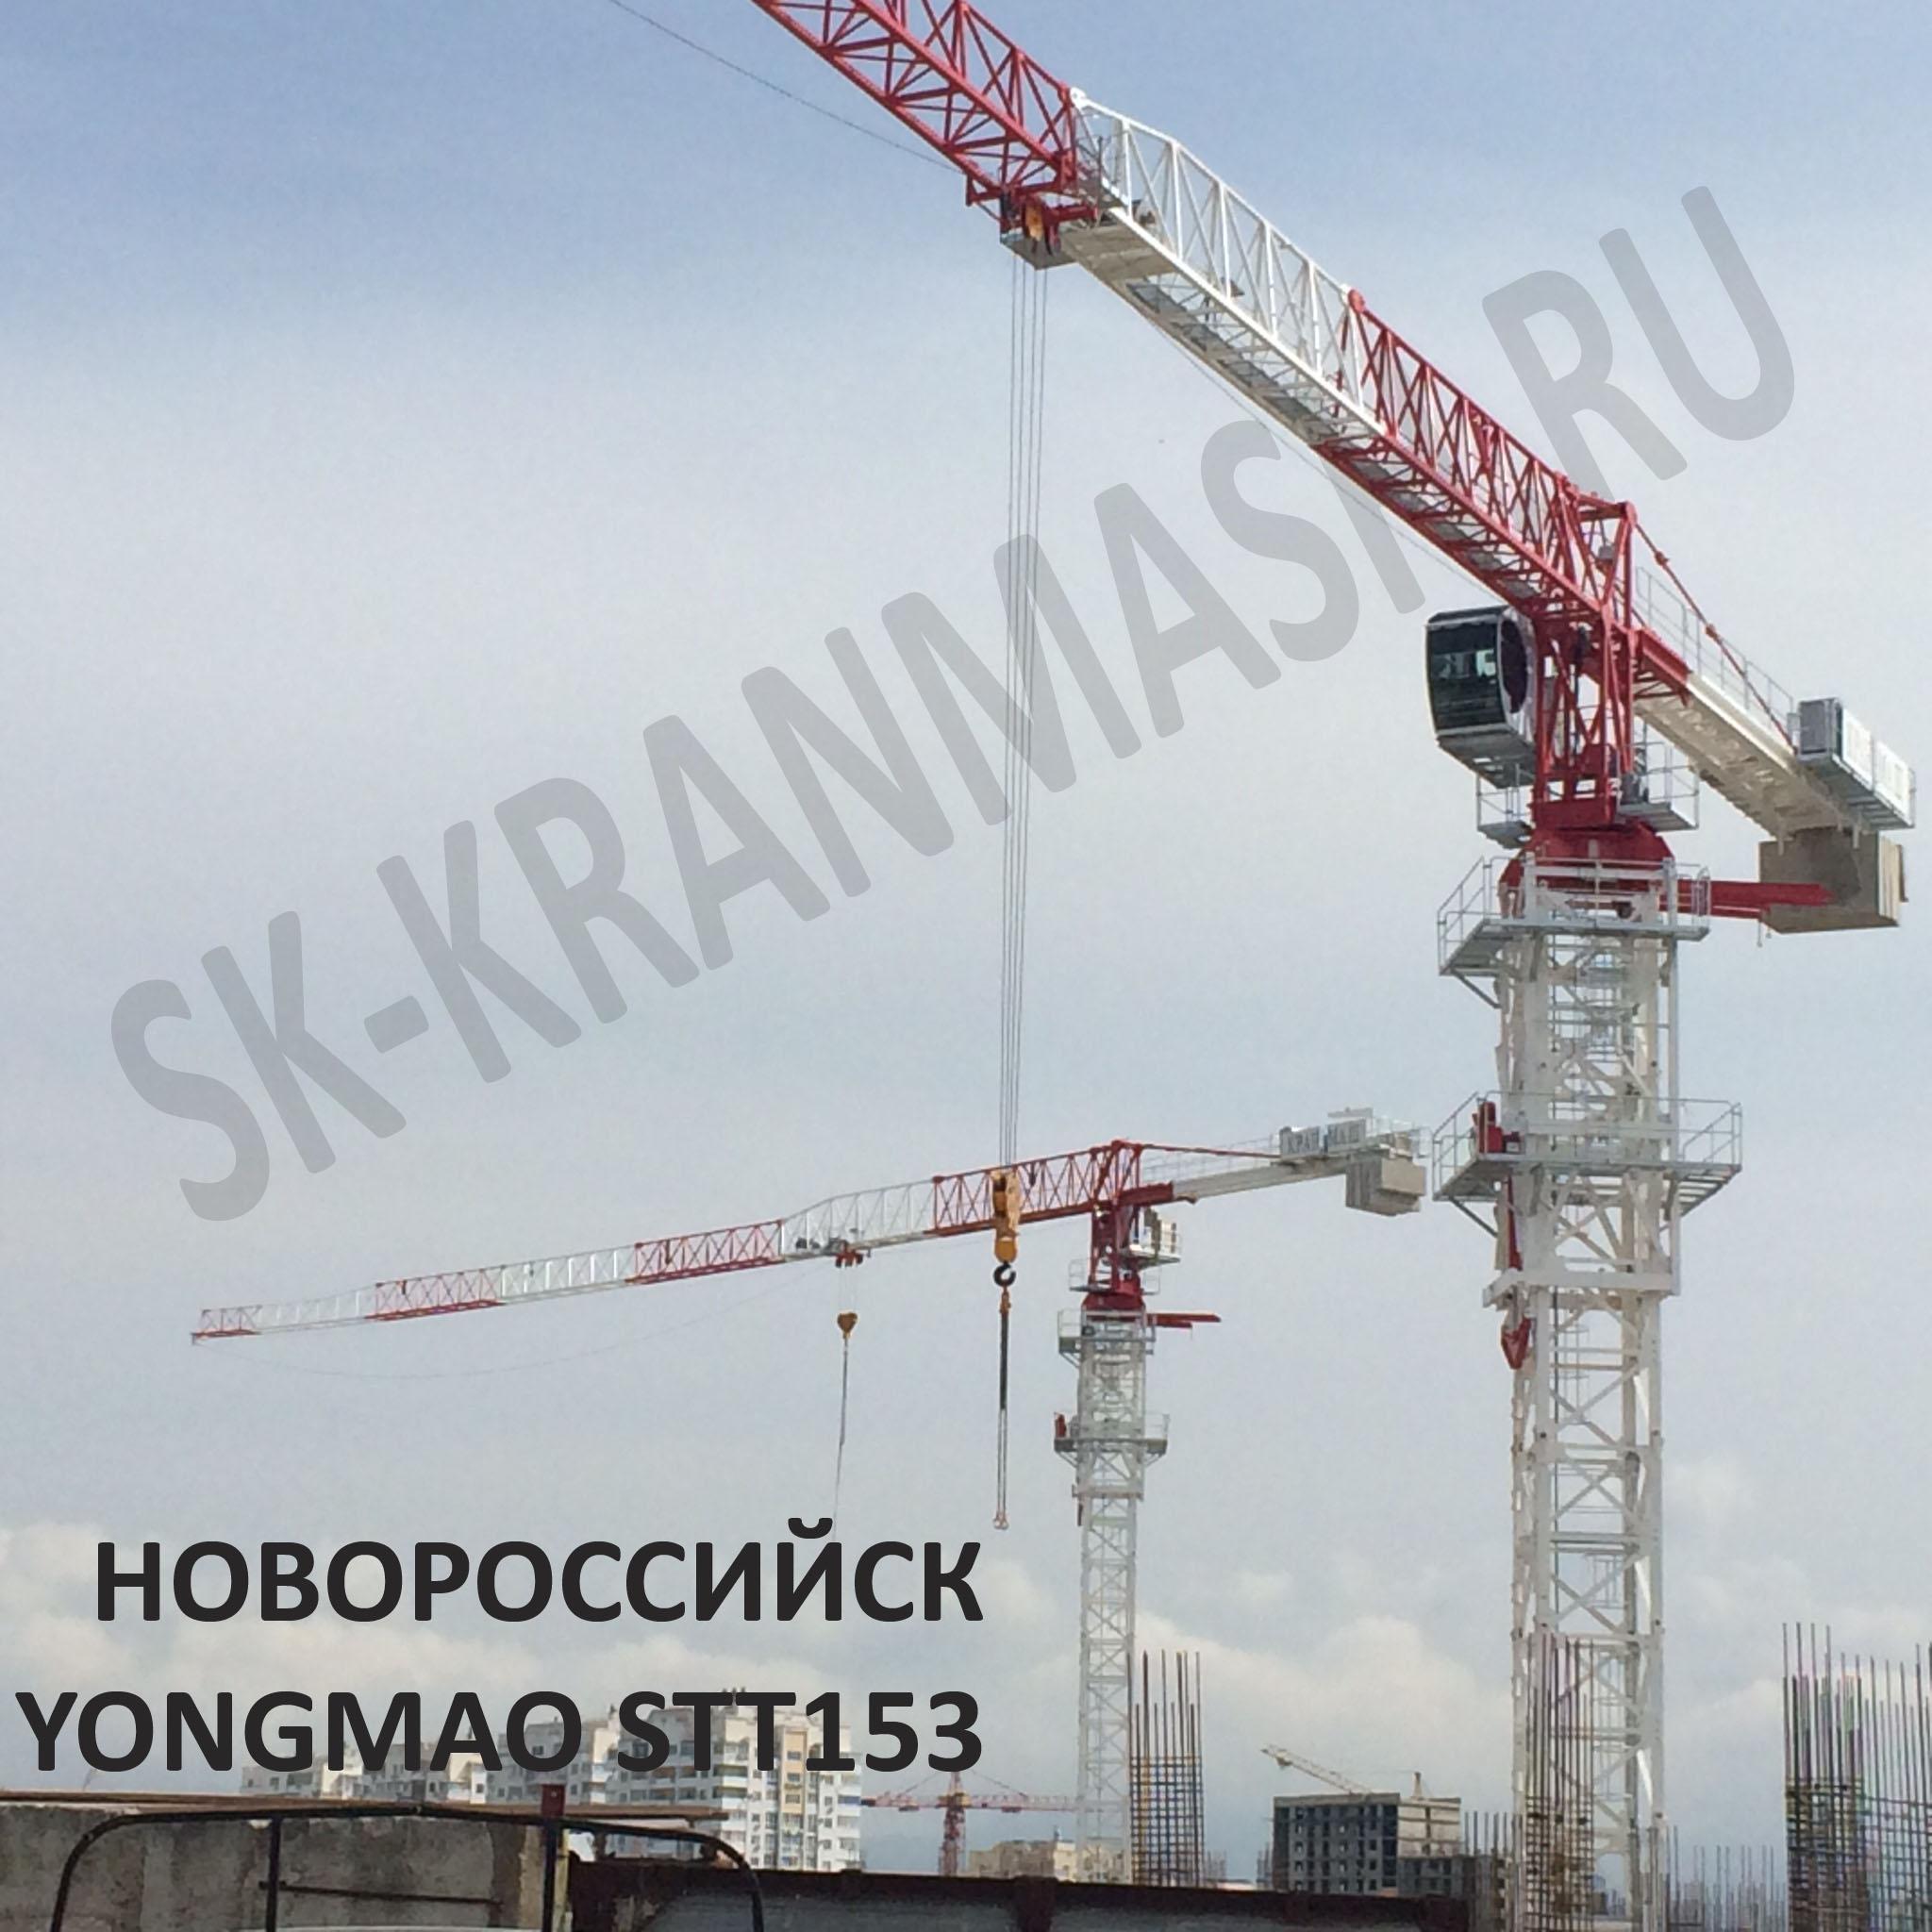 Башенный кран Новороссийск Yongmao STT153